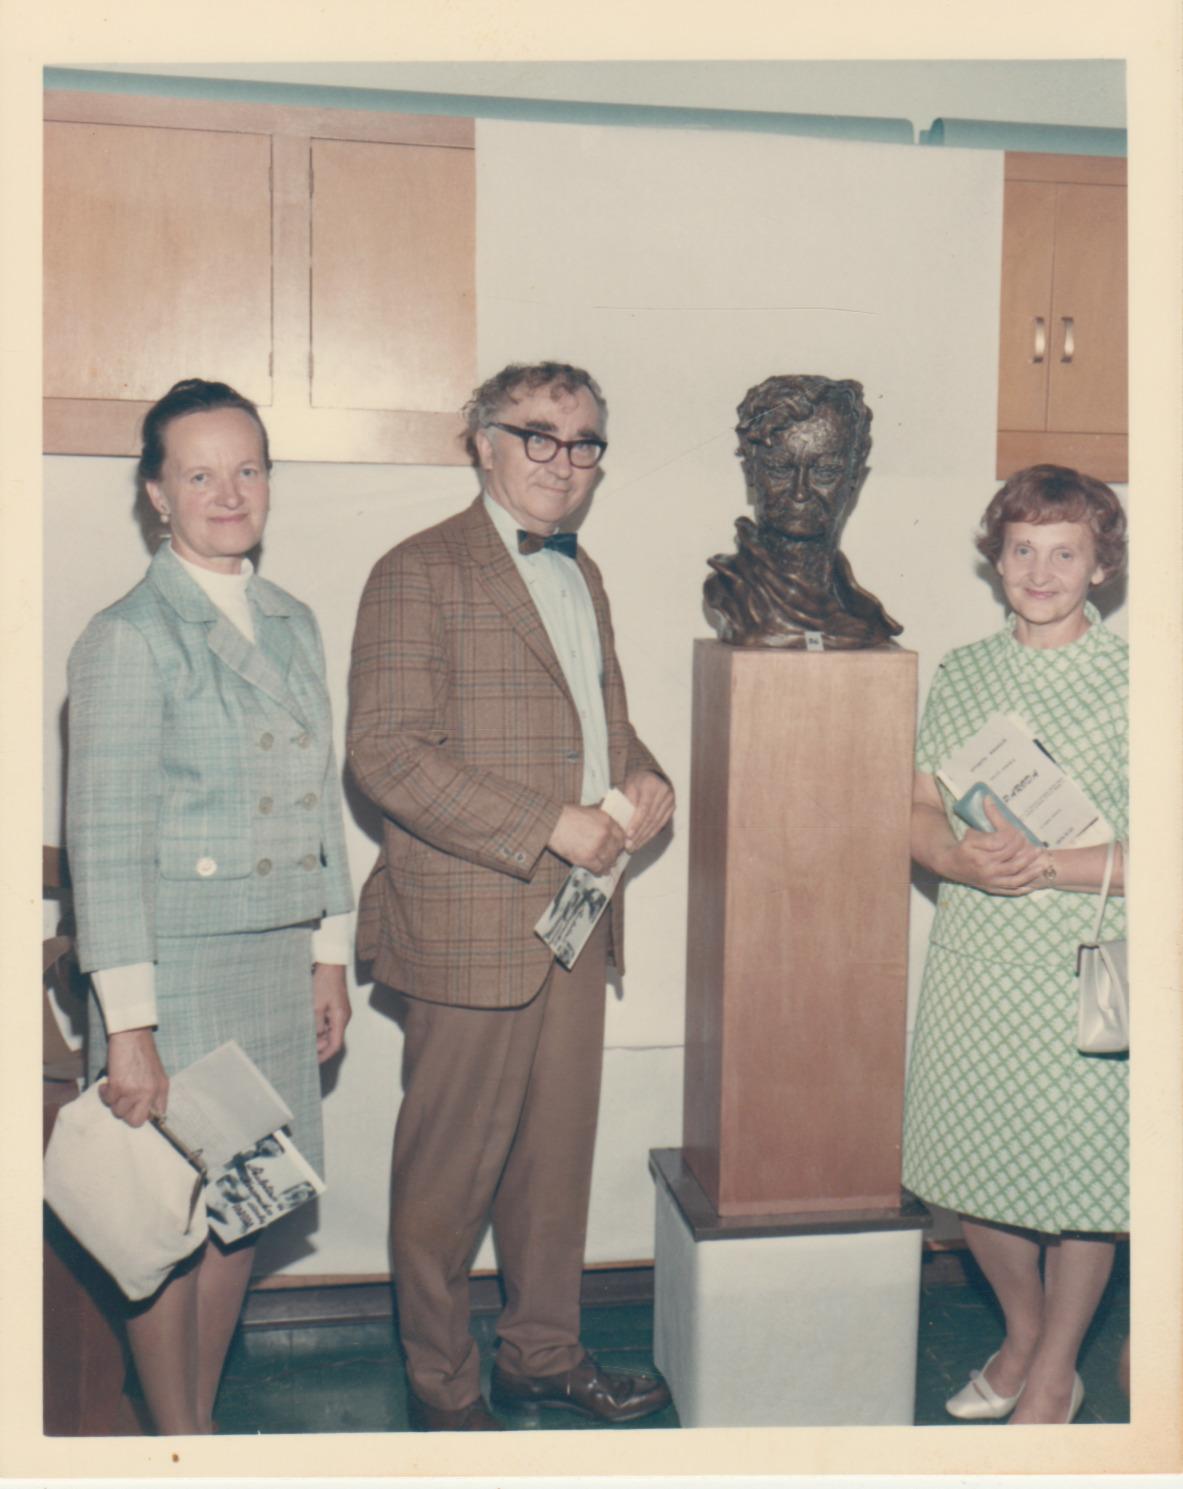 P. Gasparonio paroda Kalifornijoje 1970 m. Iš kairės: Alė Rūta, Bern. Brazdžionis, A. Brazdžionienė